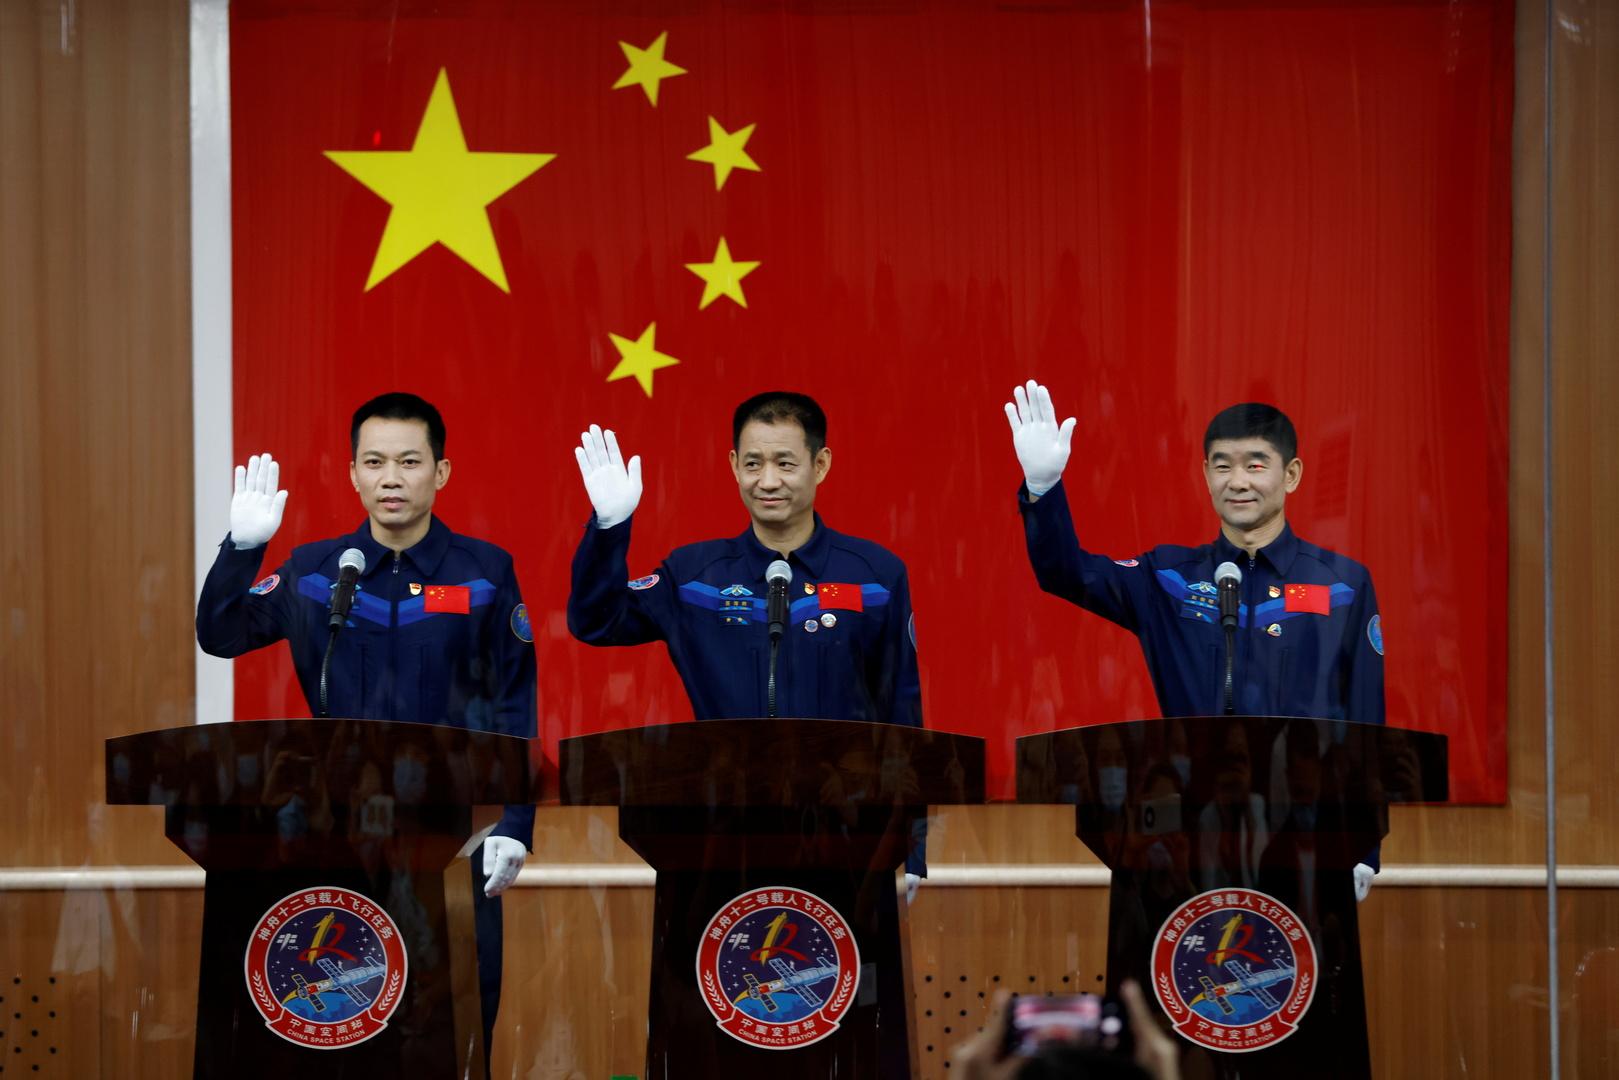 في أول مهمة مأهولة منذ 5 سنوات.. الصين ترسل 3 رواد إلى الفضاء